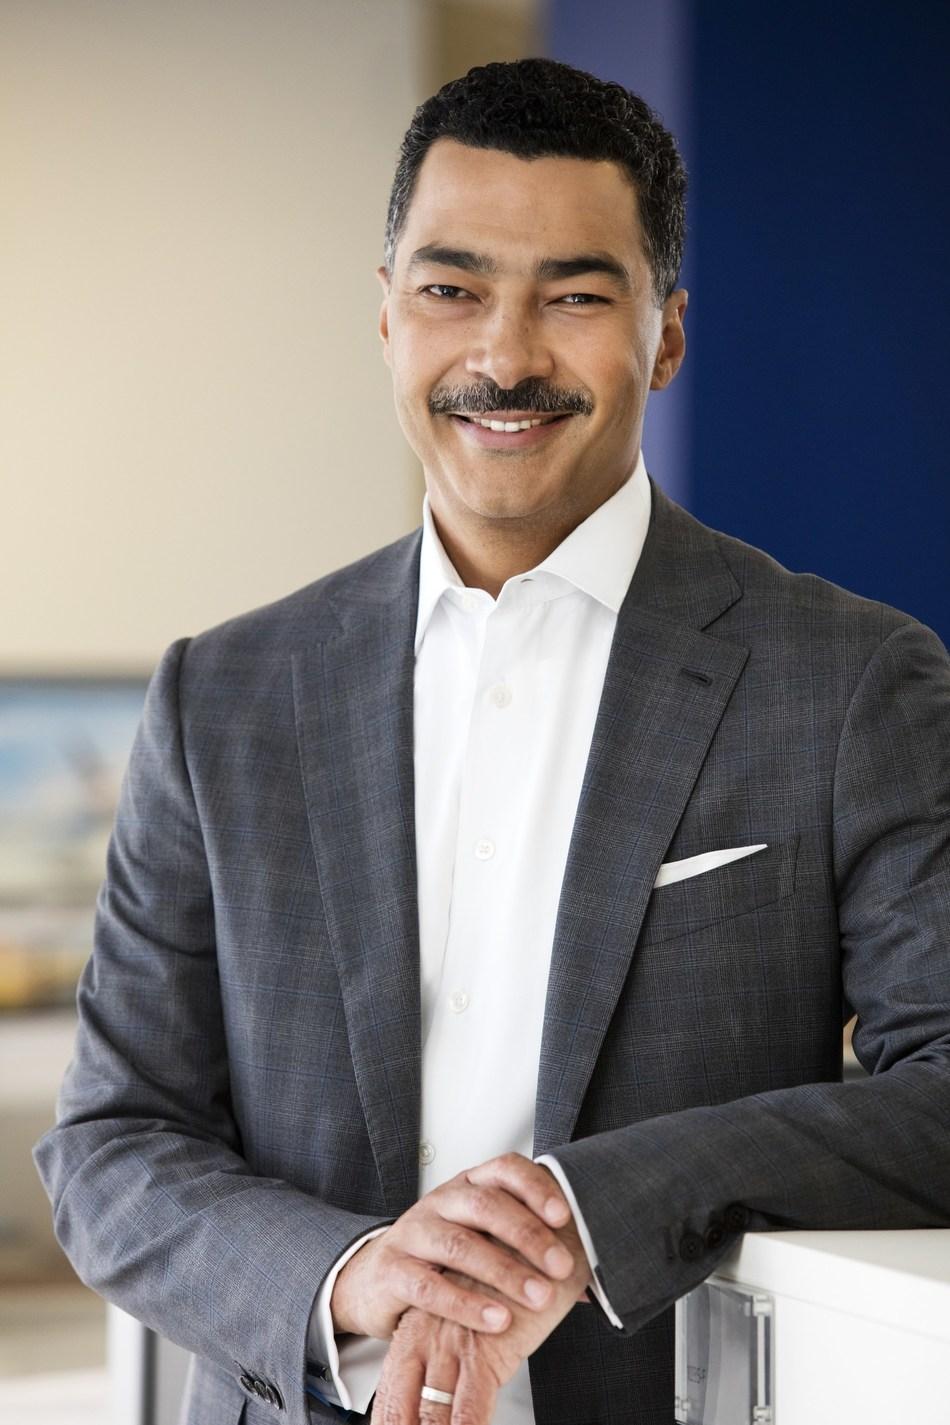 Brett J. Hart, President of United Airlines